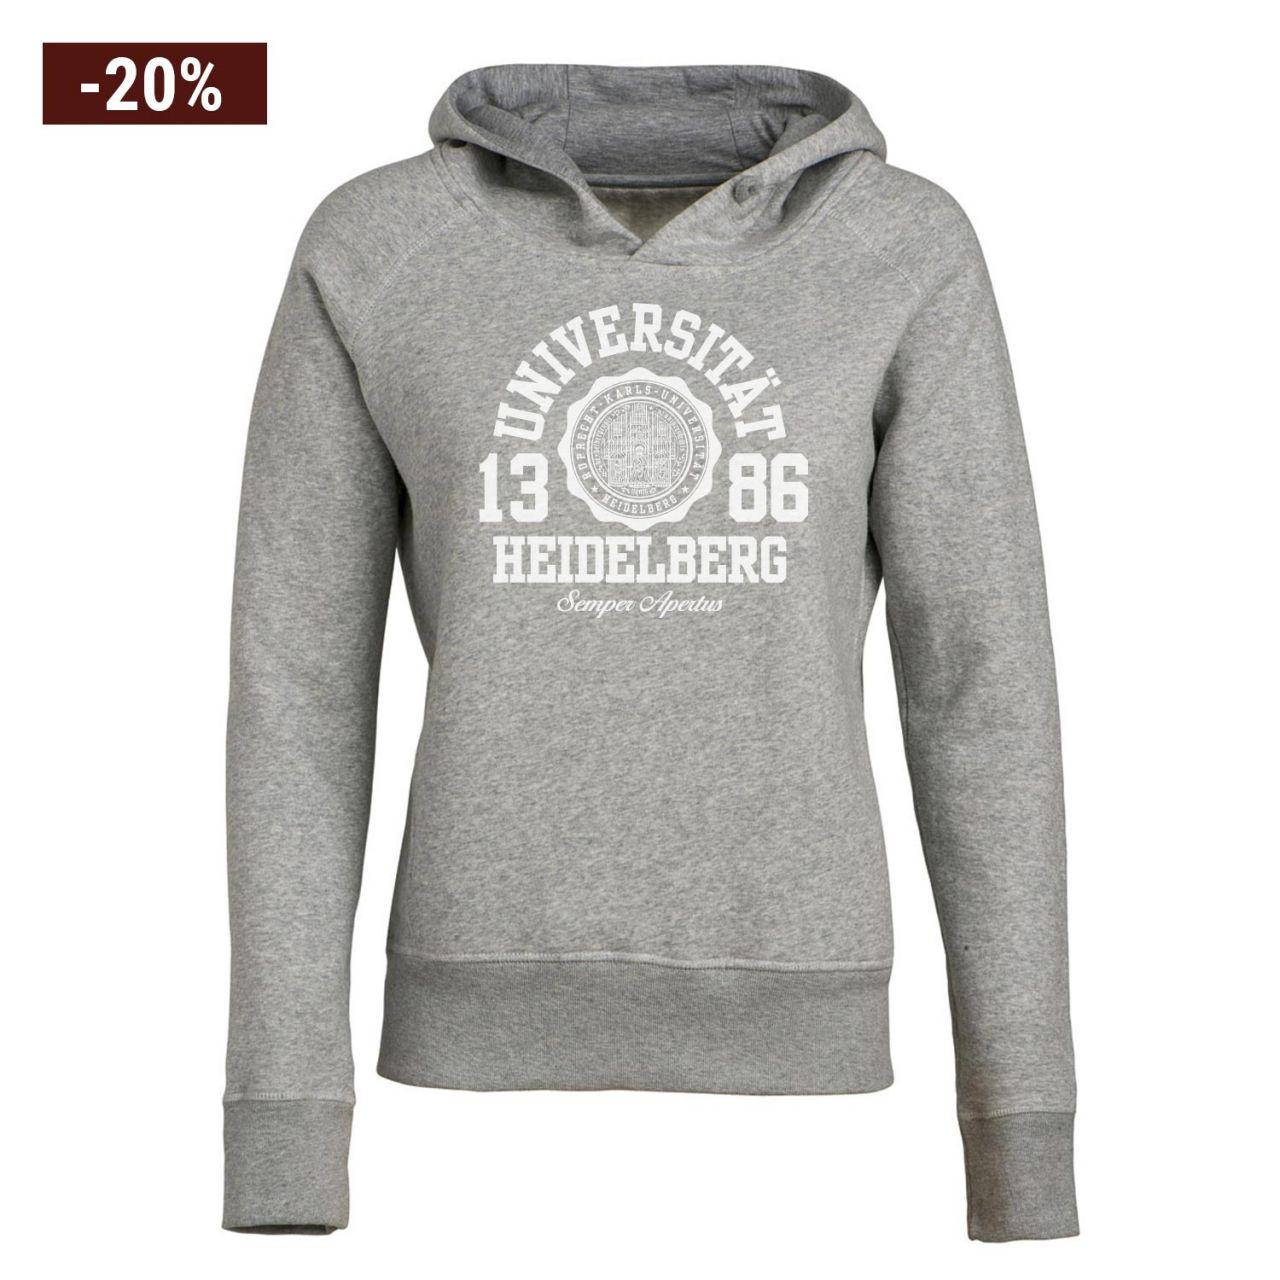 Damen Organic Hooded Sweatshirt, mid heather grey, marshall